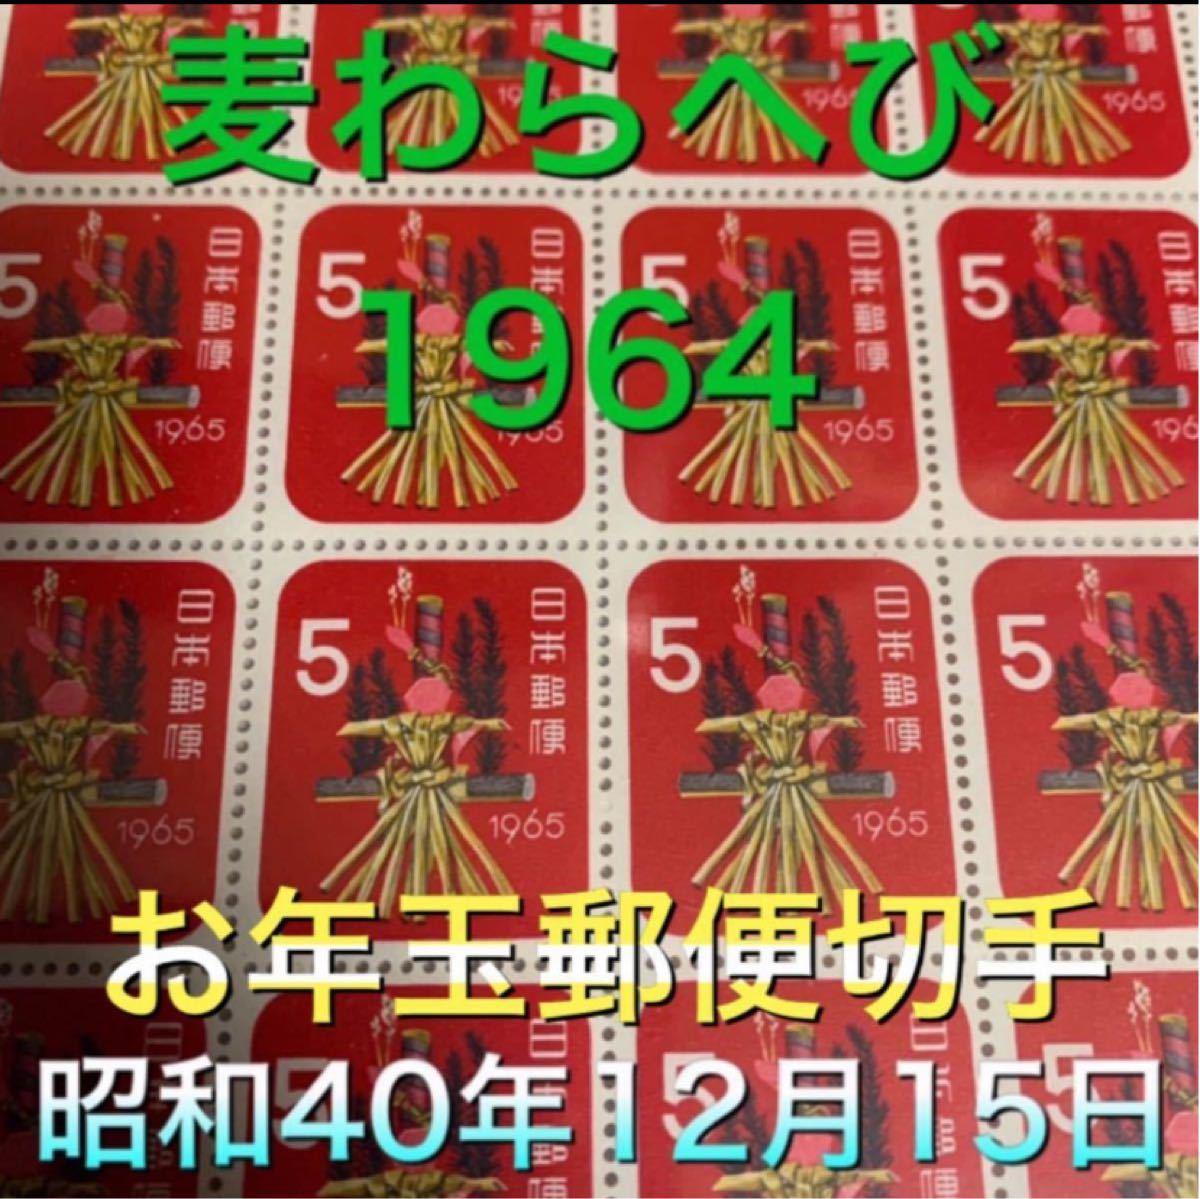 年賀切手  麦わらへび 昭和40年 切手 切手シート 日本切手  記念切手